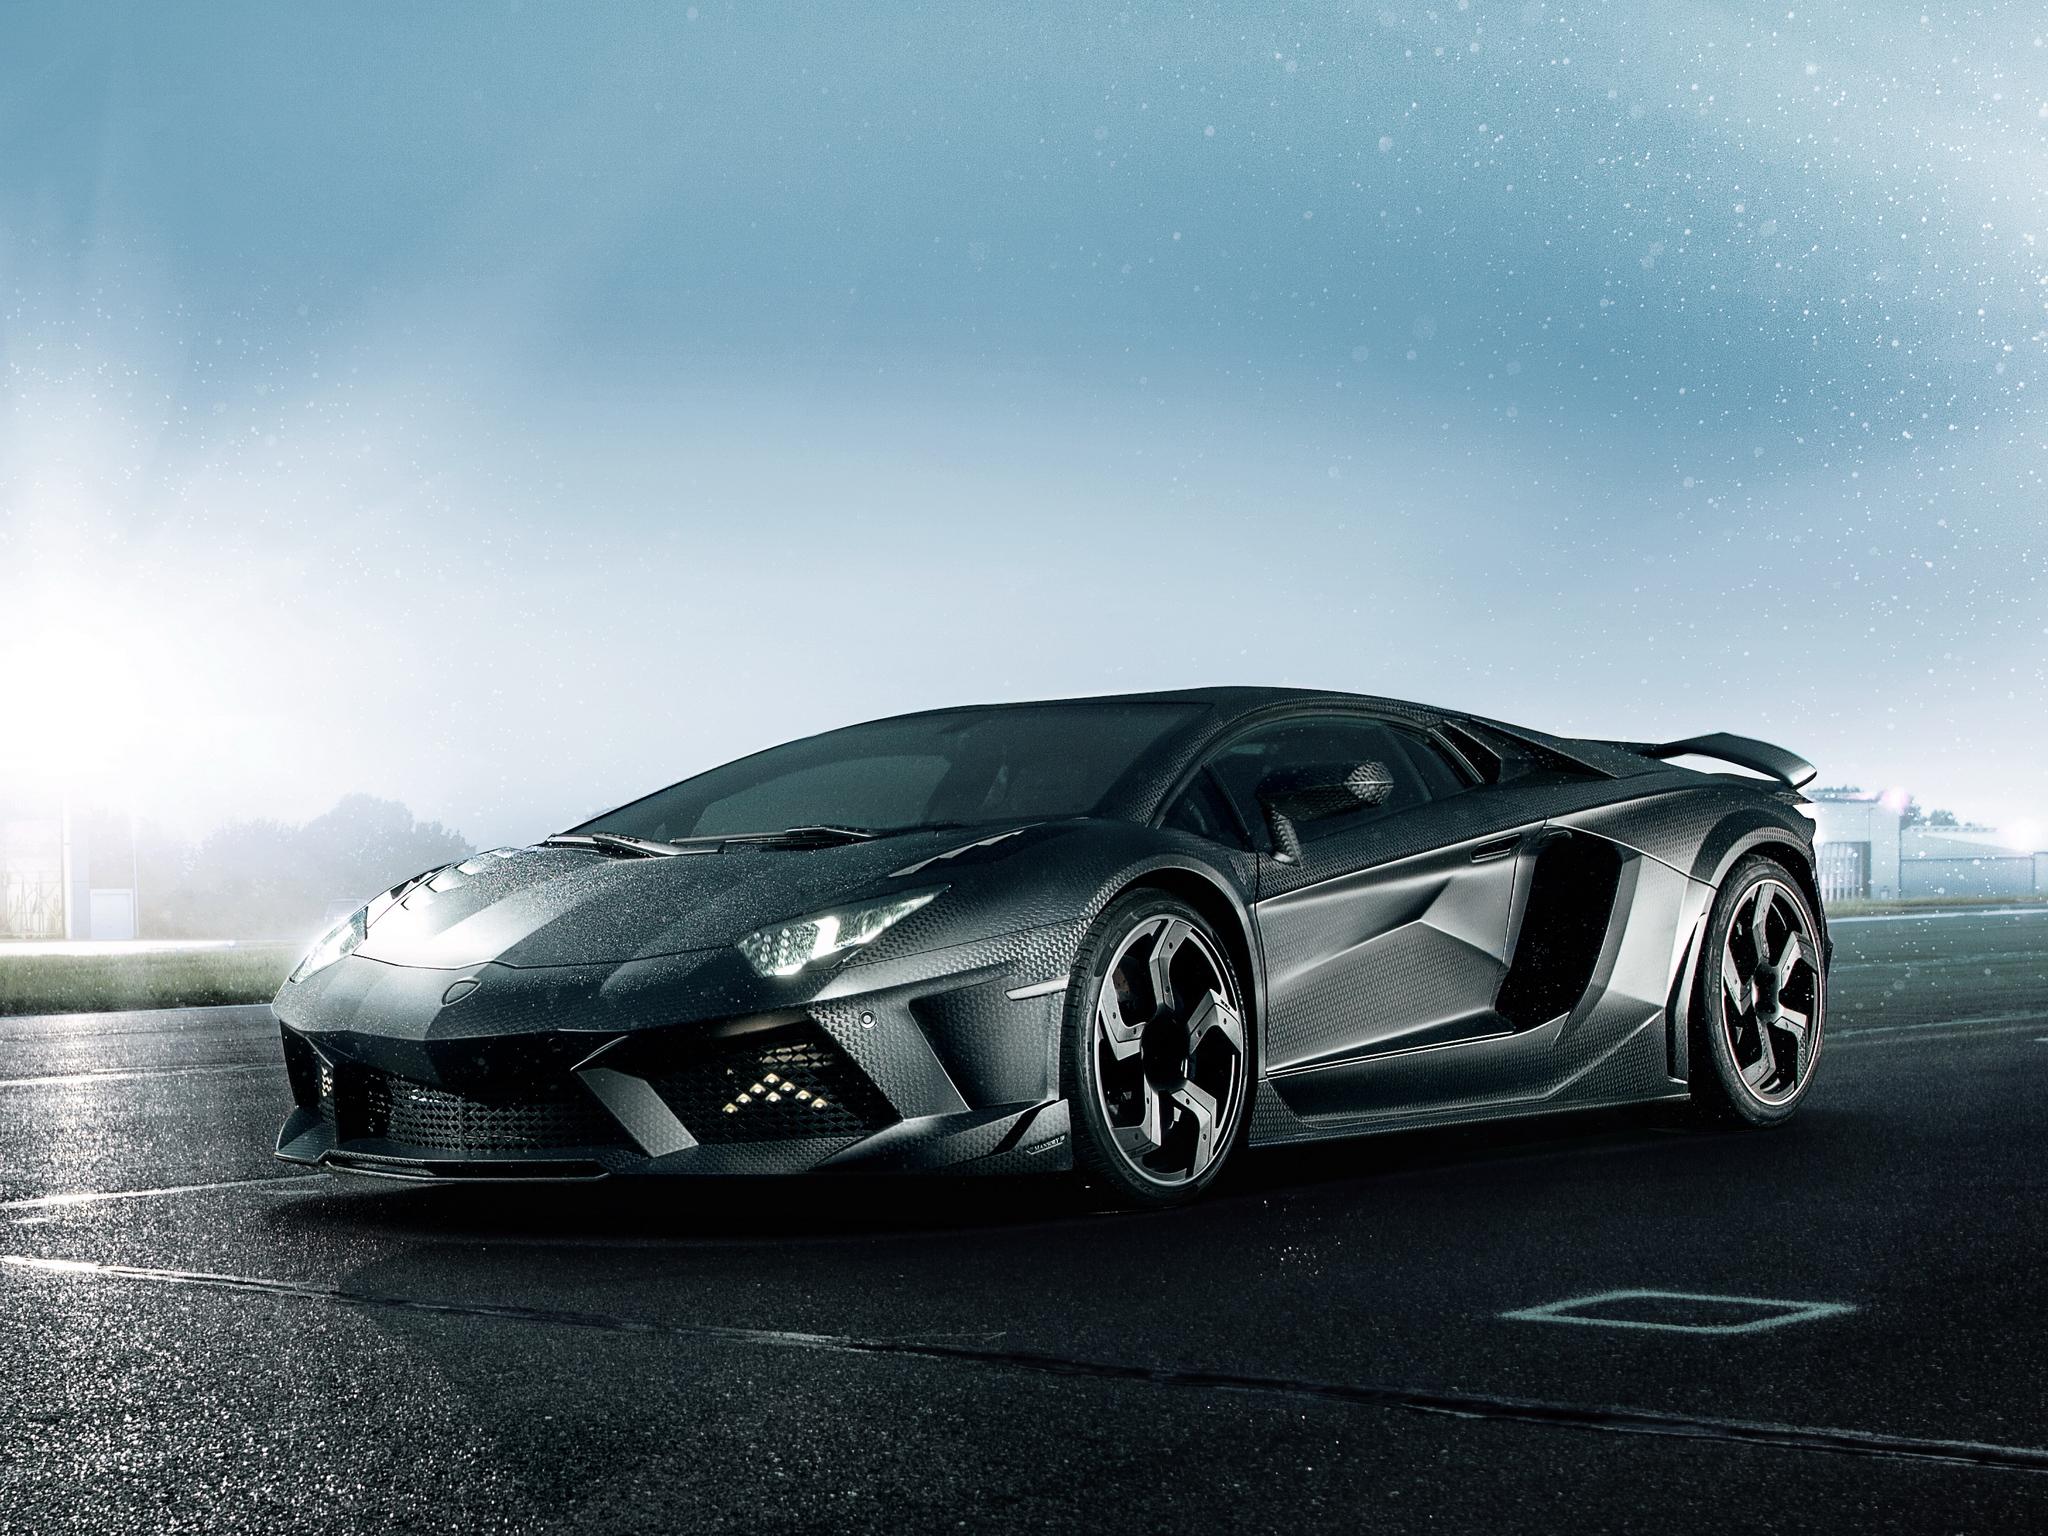 Lamborghini Aventador LP700 4 Carbonado LB834 supercar h wallpaper 2048x1536